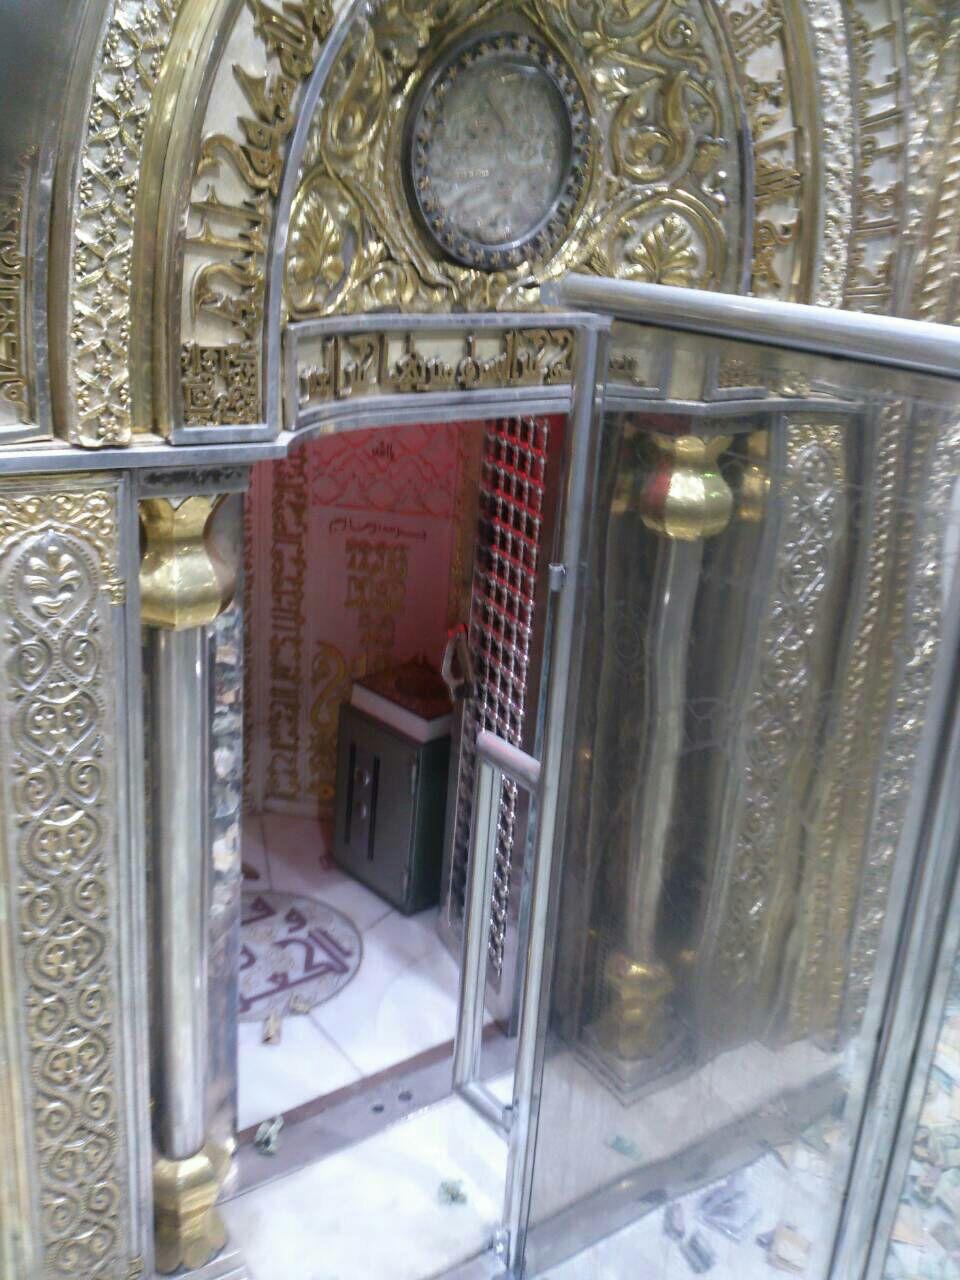 تصویری زیبا از محراب امیرالمومنین در مسجد کوفه